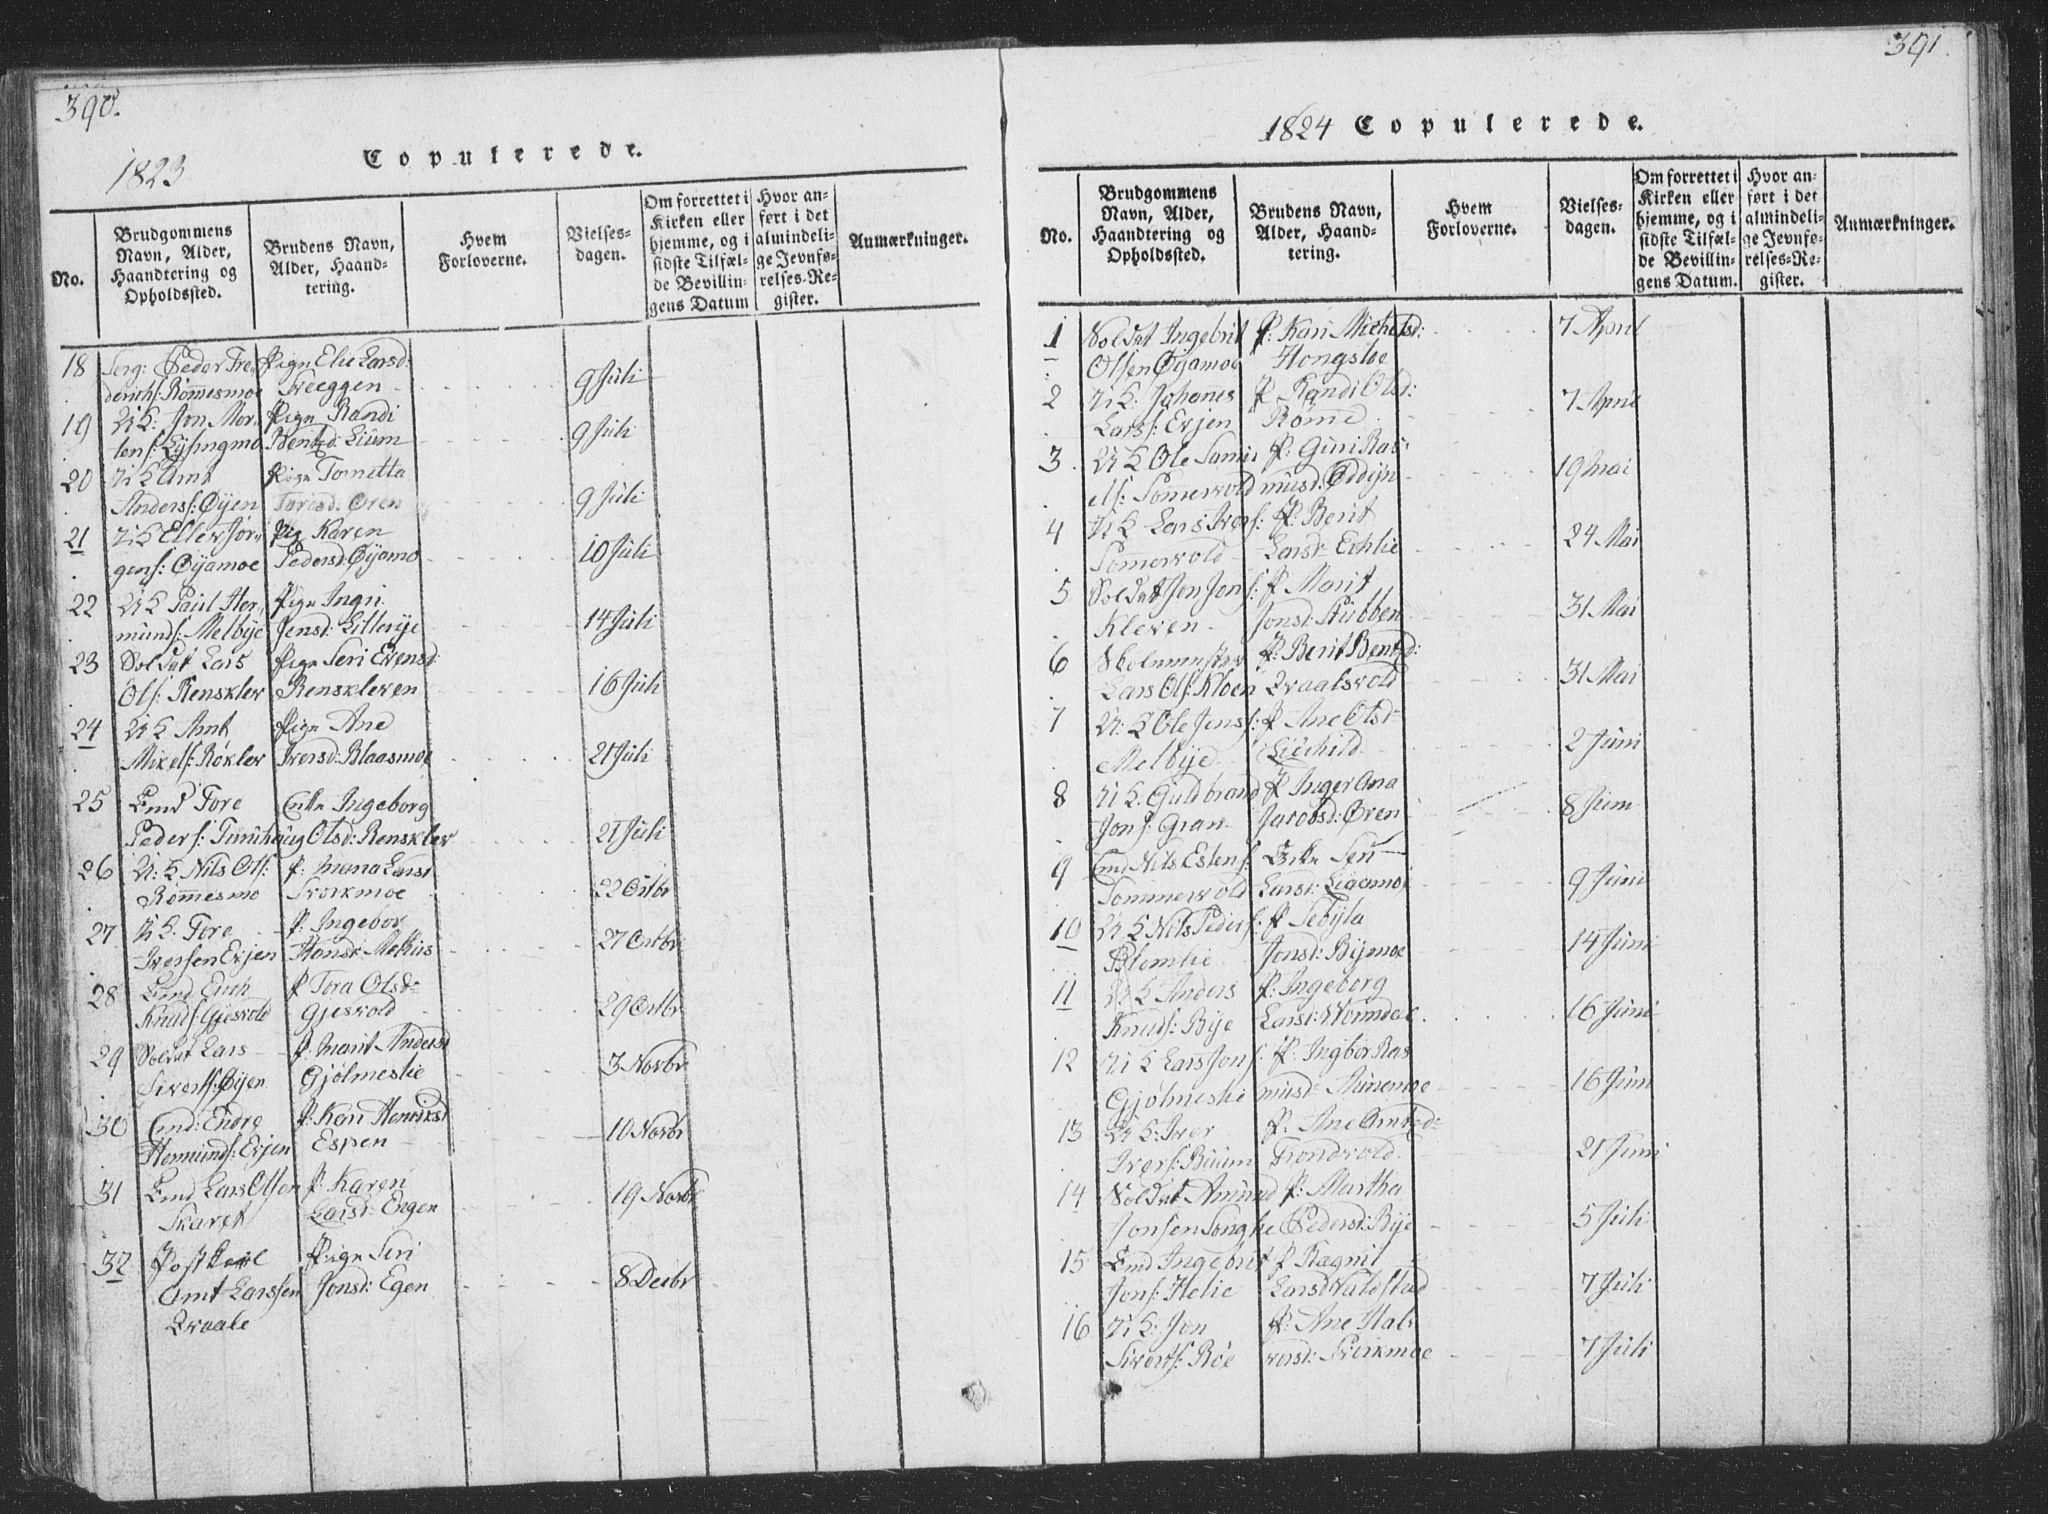 SAT, Ministerialprotokoller, klokkerbøker og fødselsregistre - Sør-Trøndelag, 668/L0816: Klokkerbok nr. 668C05, 1816-1893, s. 390-391